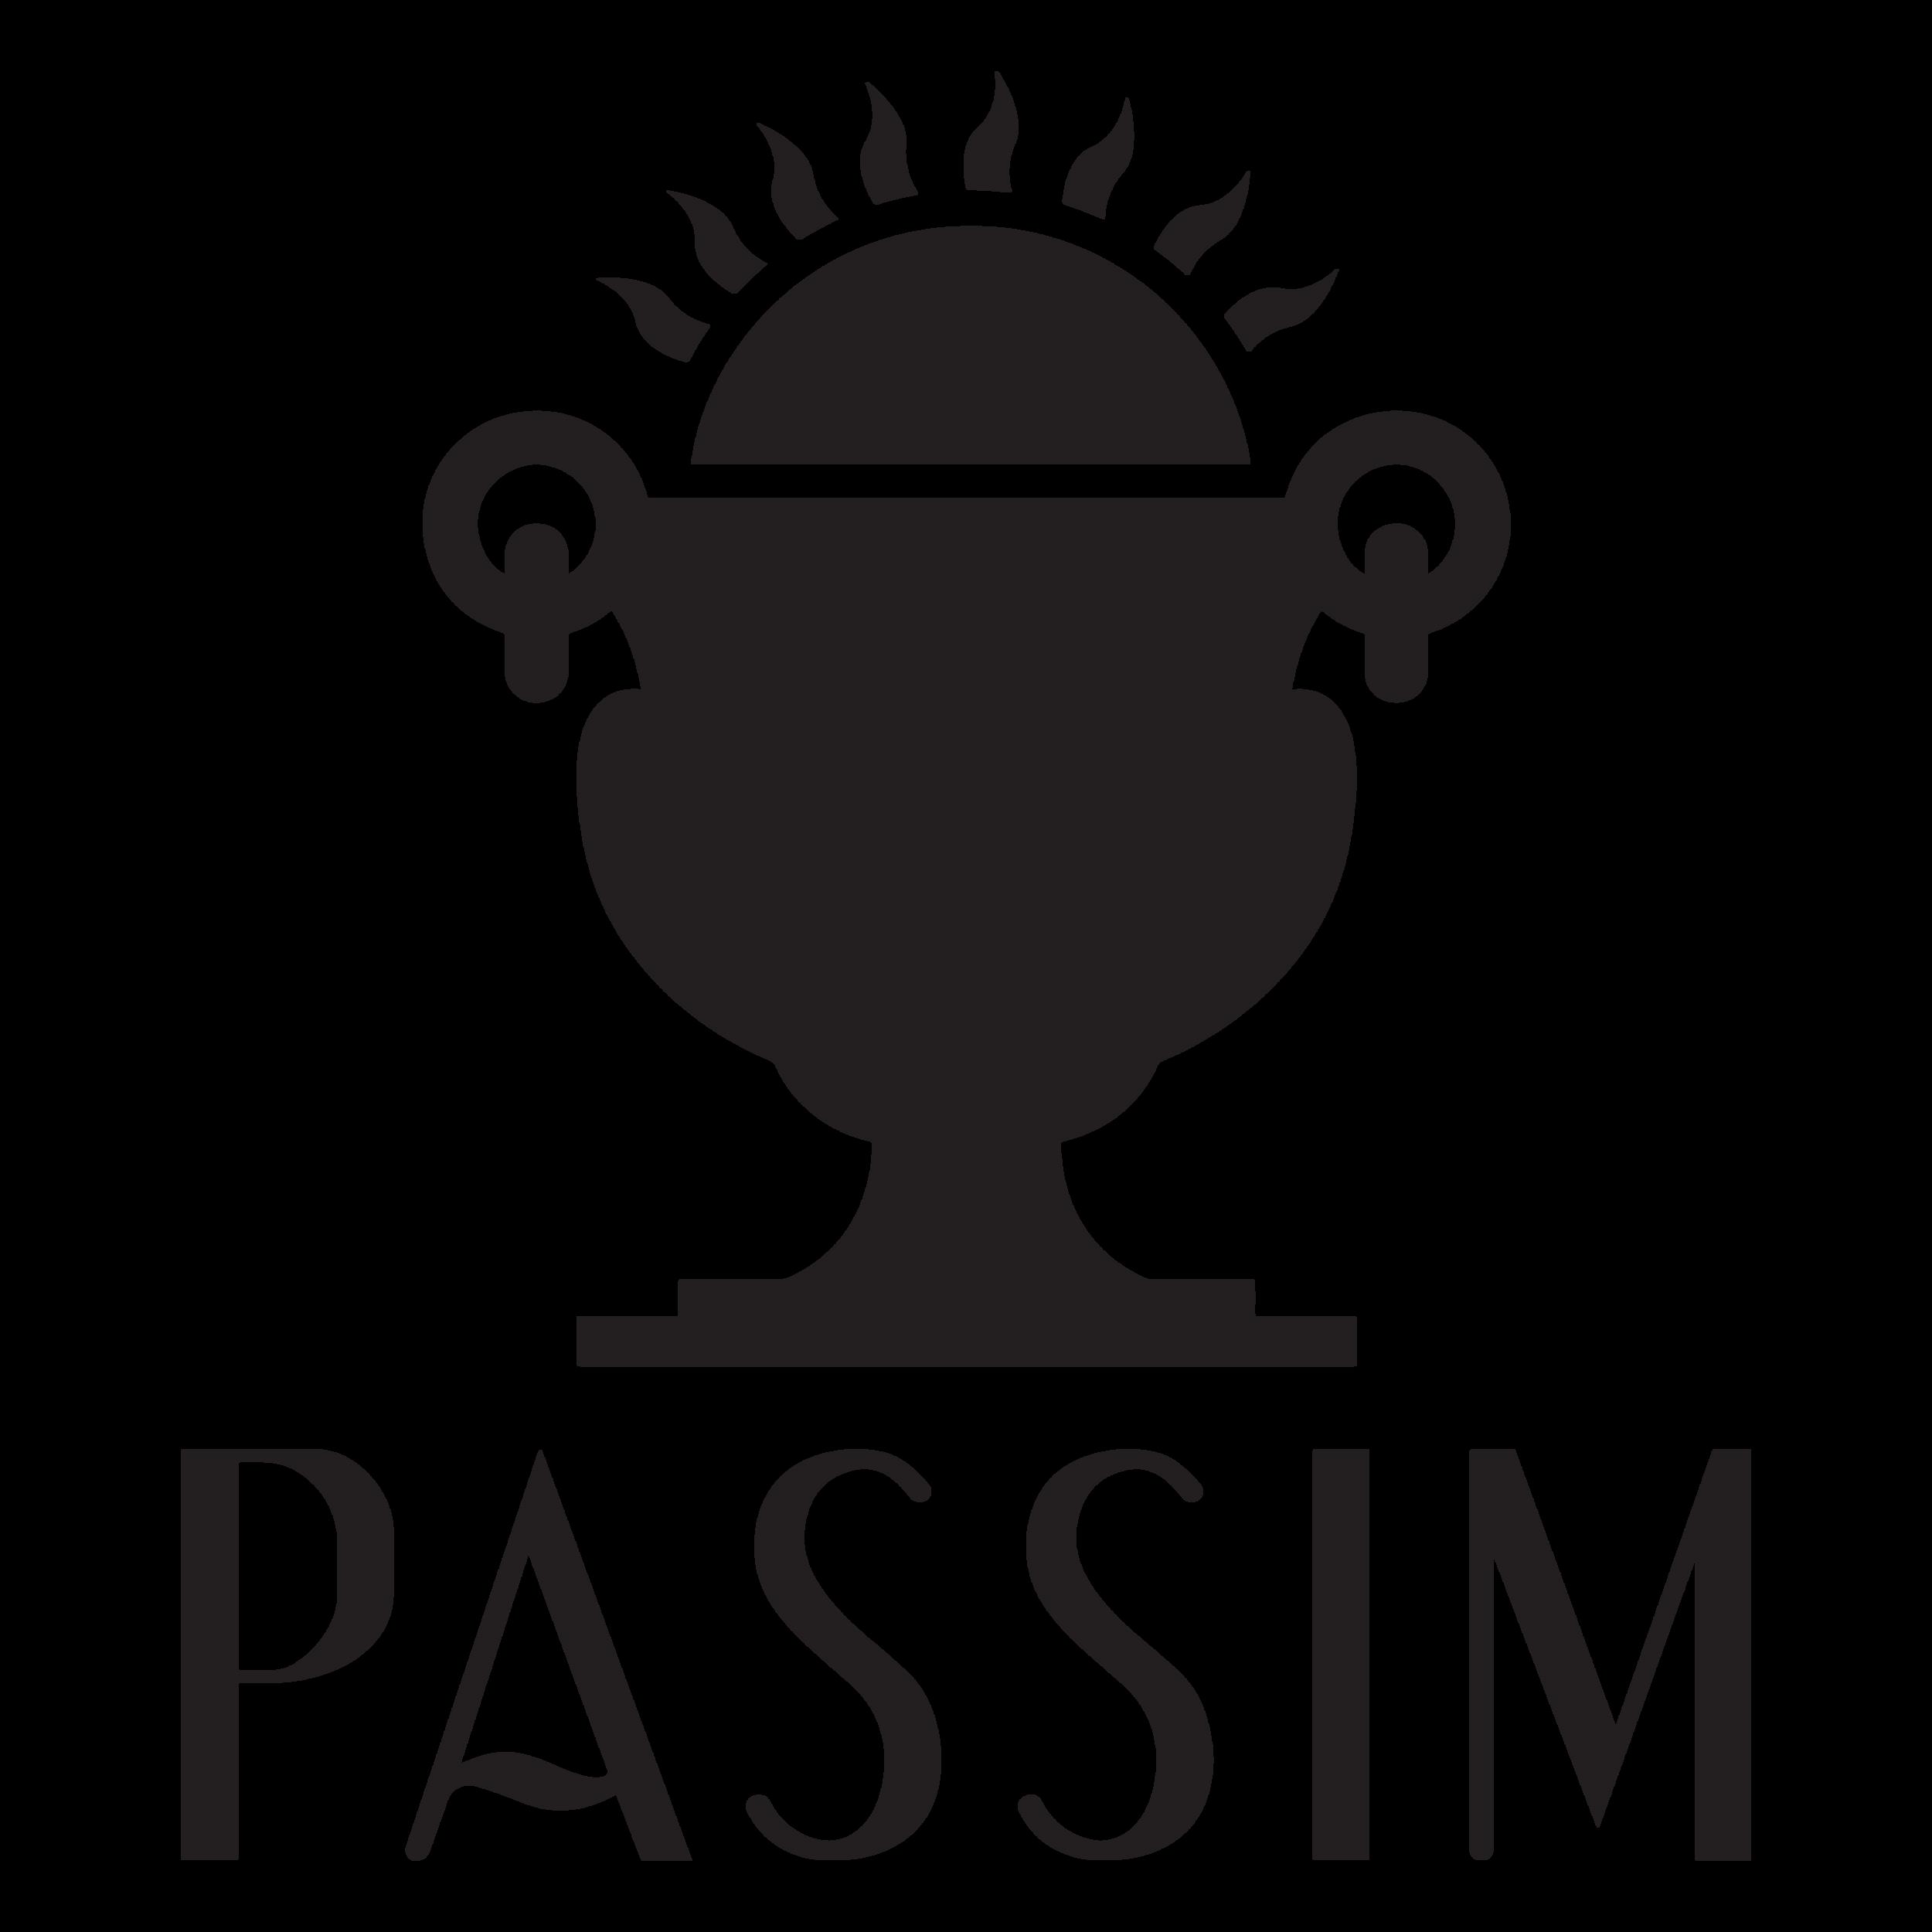 PASSIM-01.png